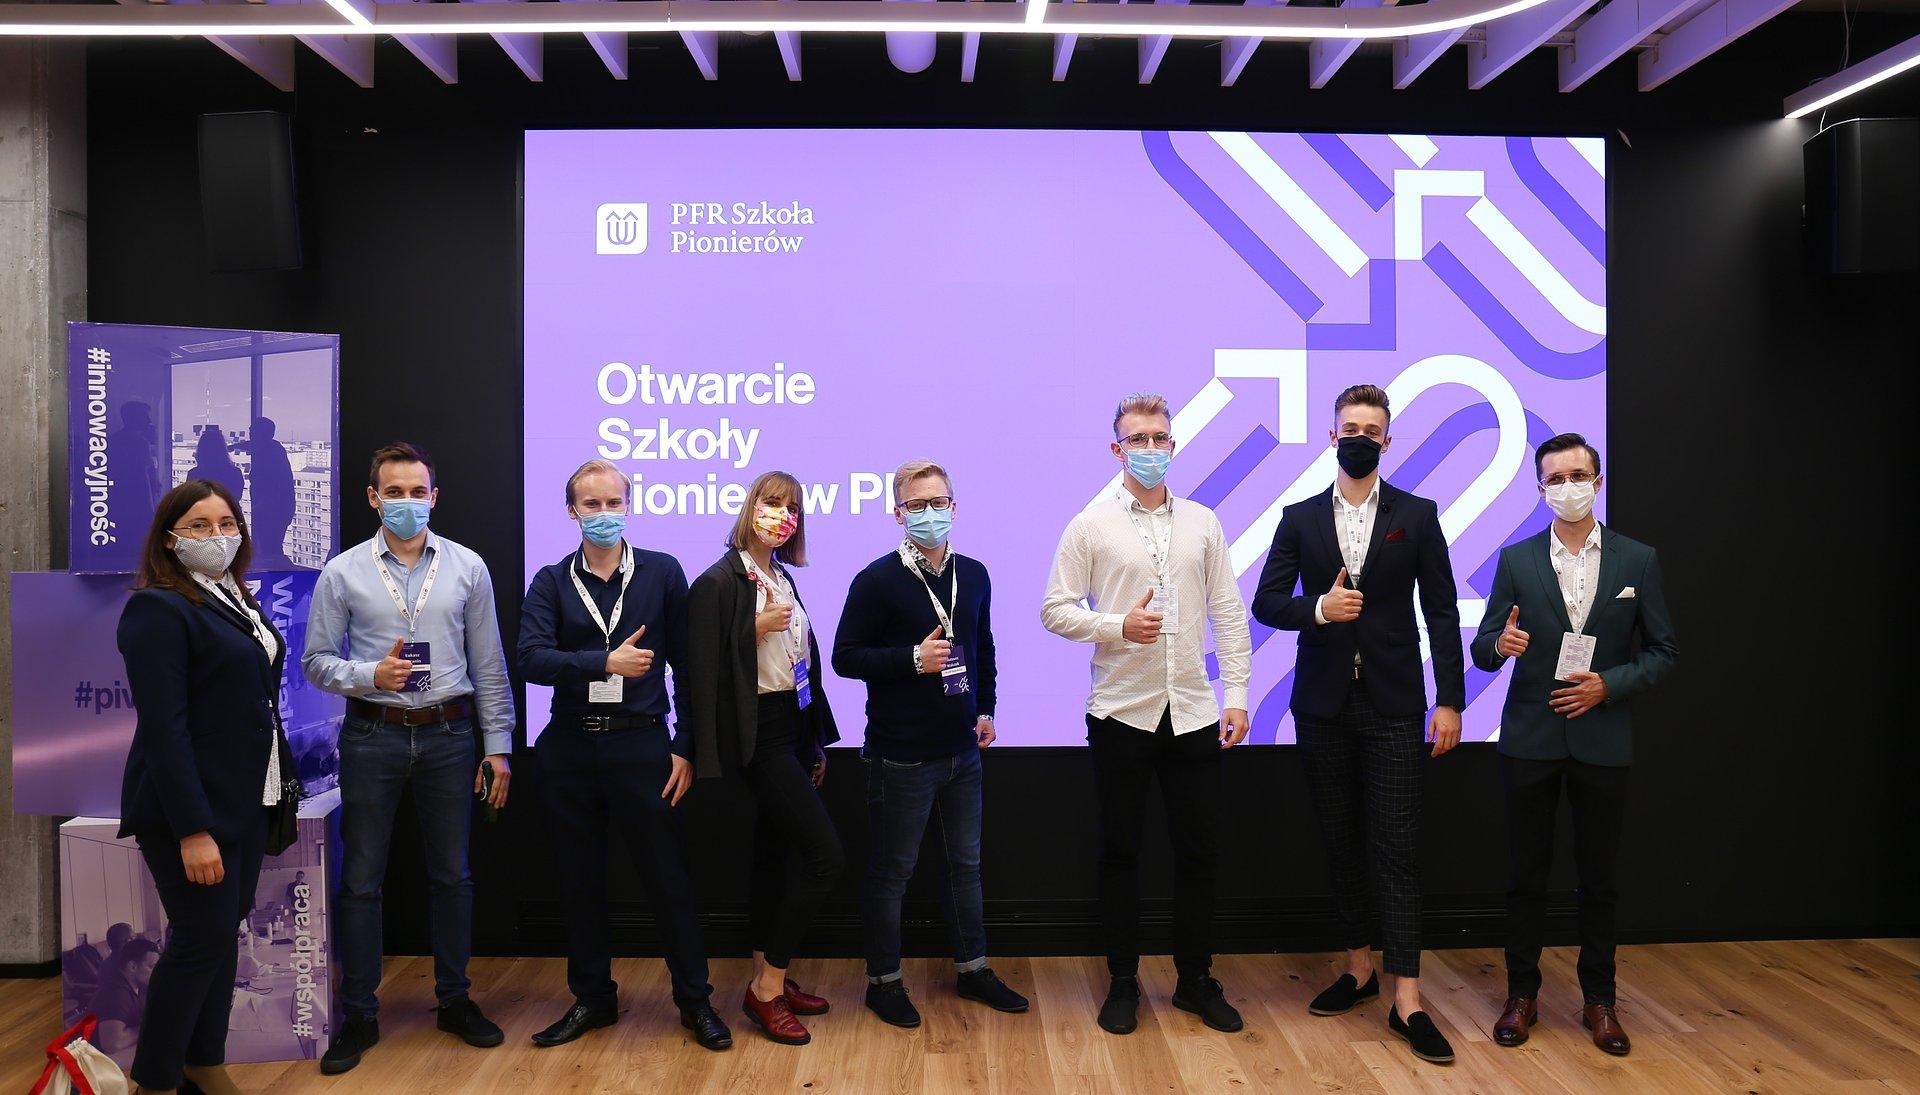 Innowacje i przedsiębiorczość pomogą rozpędzić polską gospodarkę – ruszyła Szkoła Pionierów PFR